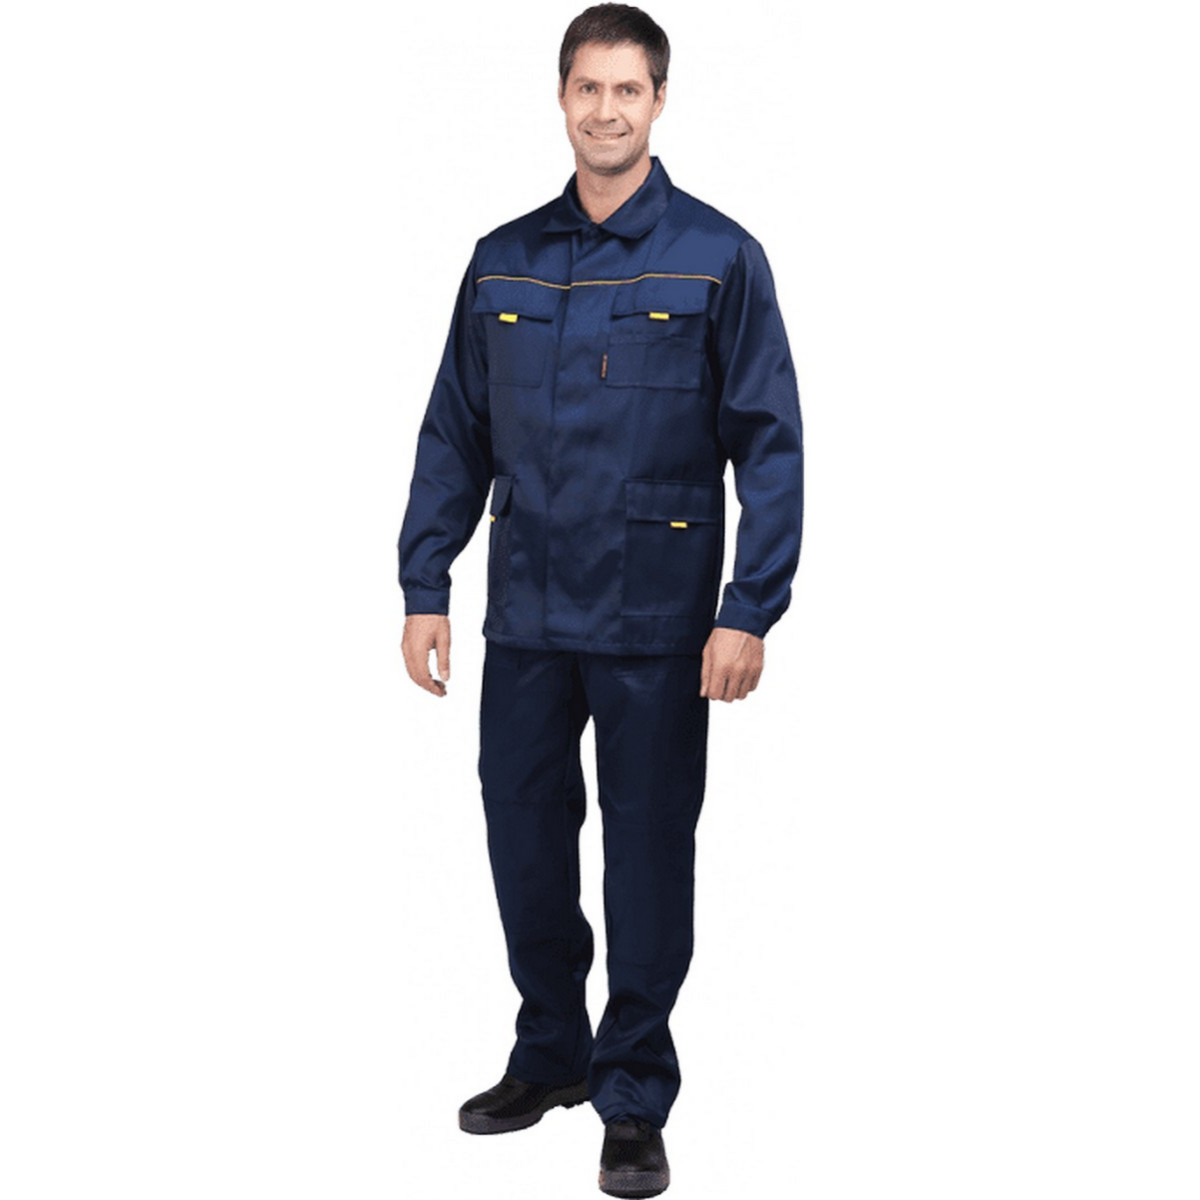 Костюм ВЫМПЕЛ-2 т/синий (куртка+п/к)  (разм. 104-108 рост 182-188)